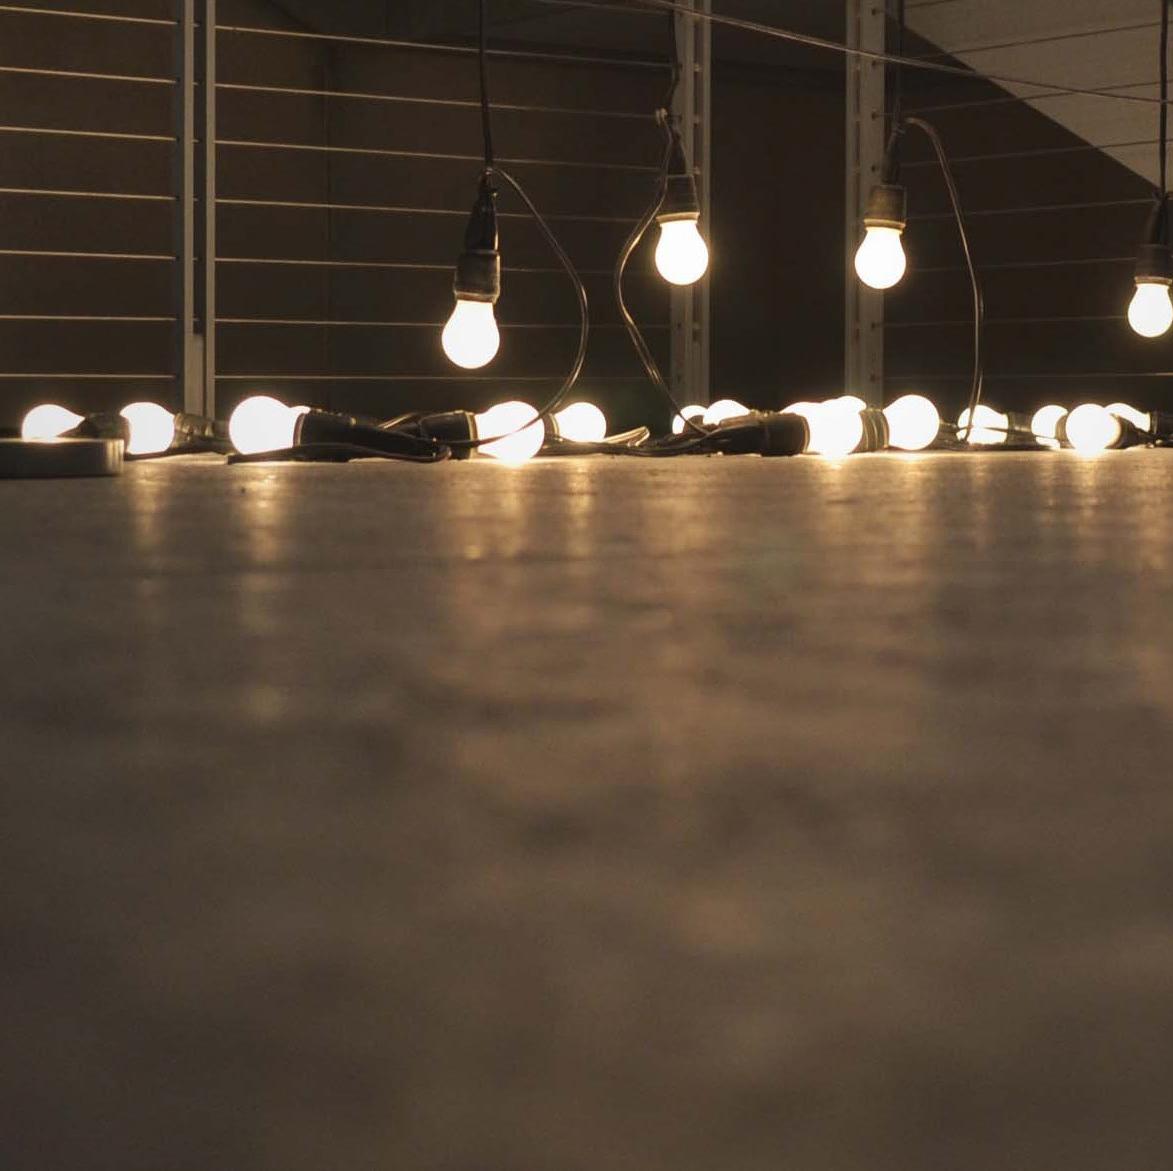 Lichtgestaltung für Film- und Videoprojekte